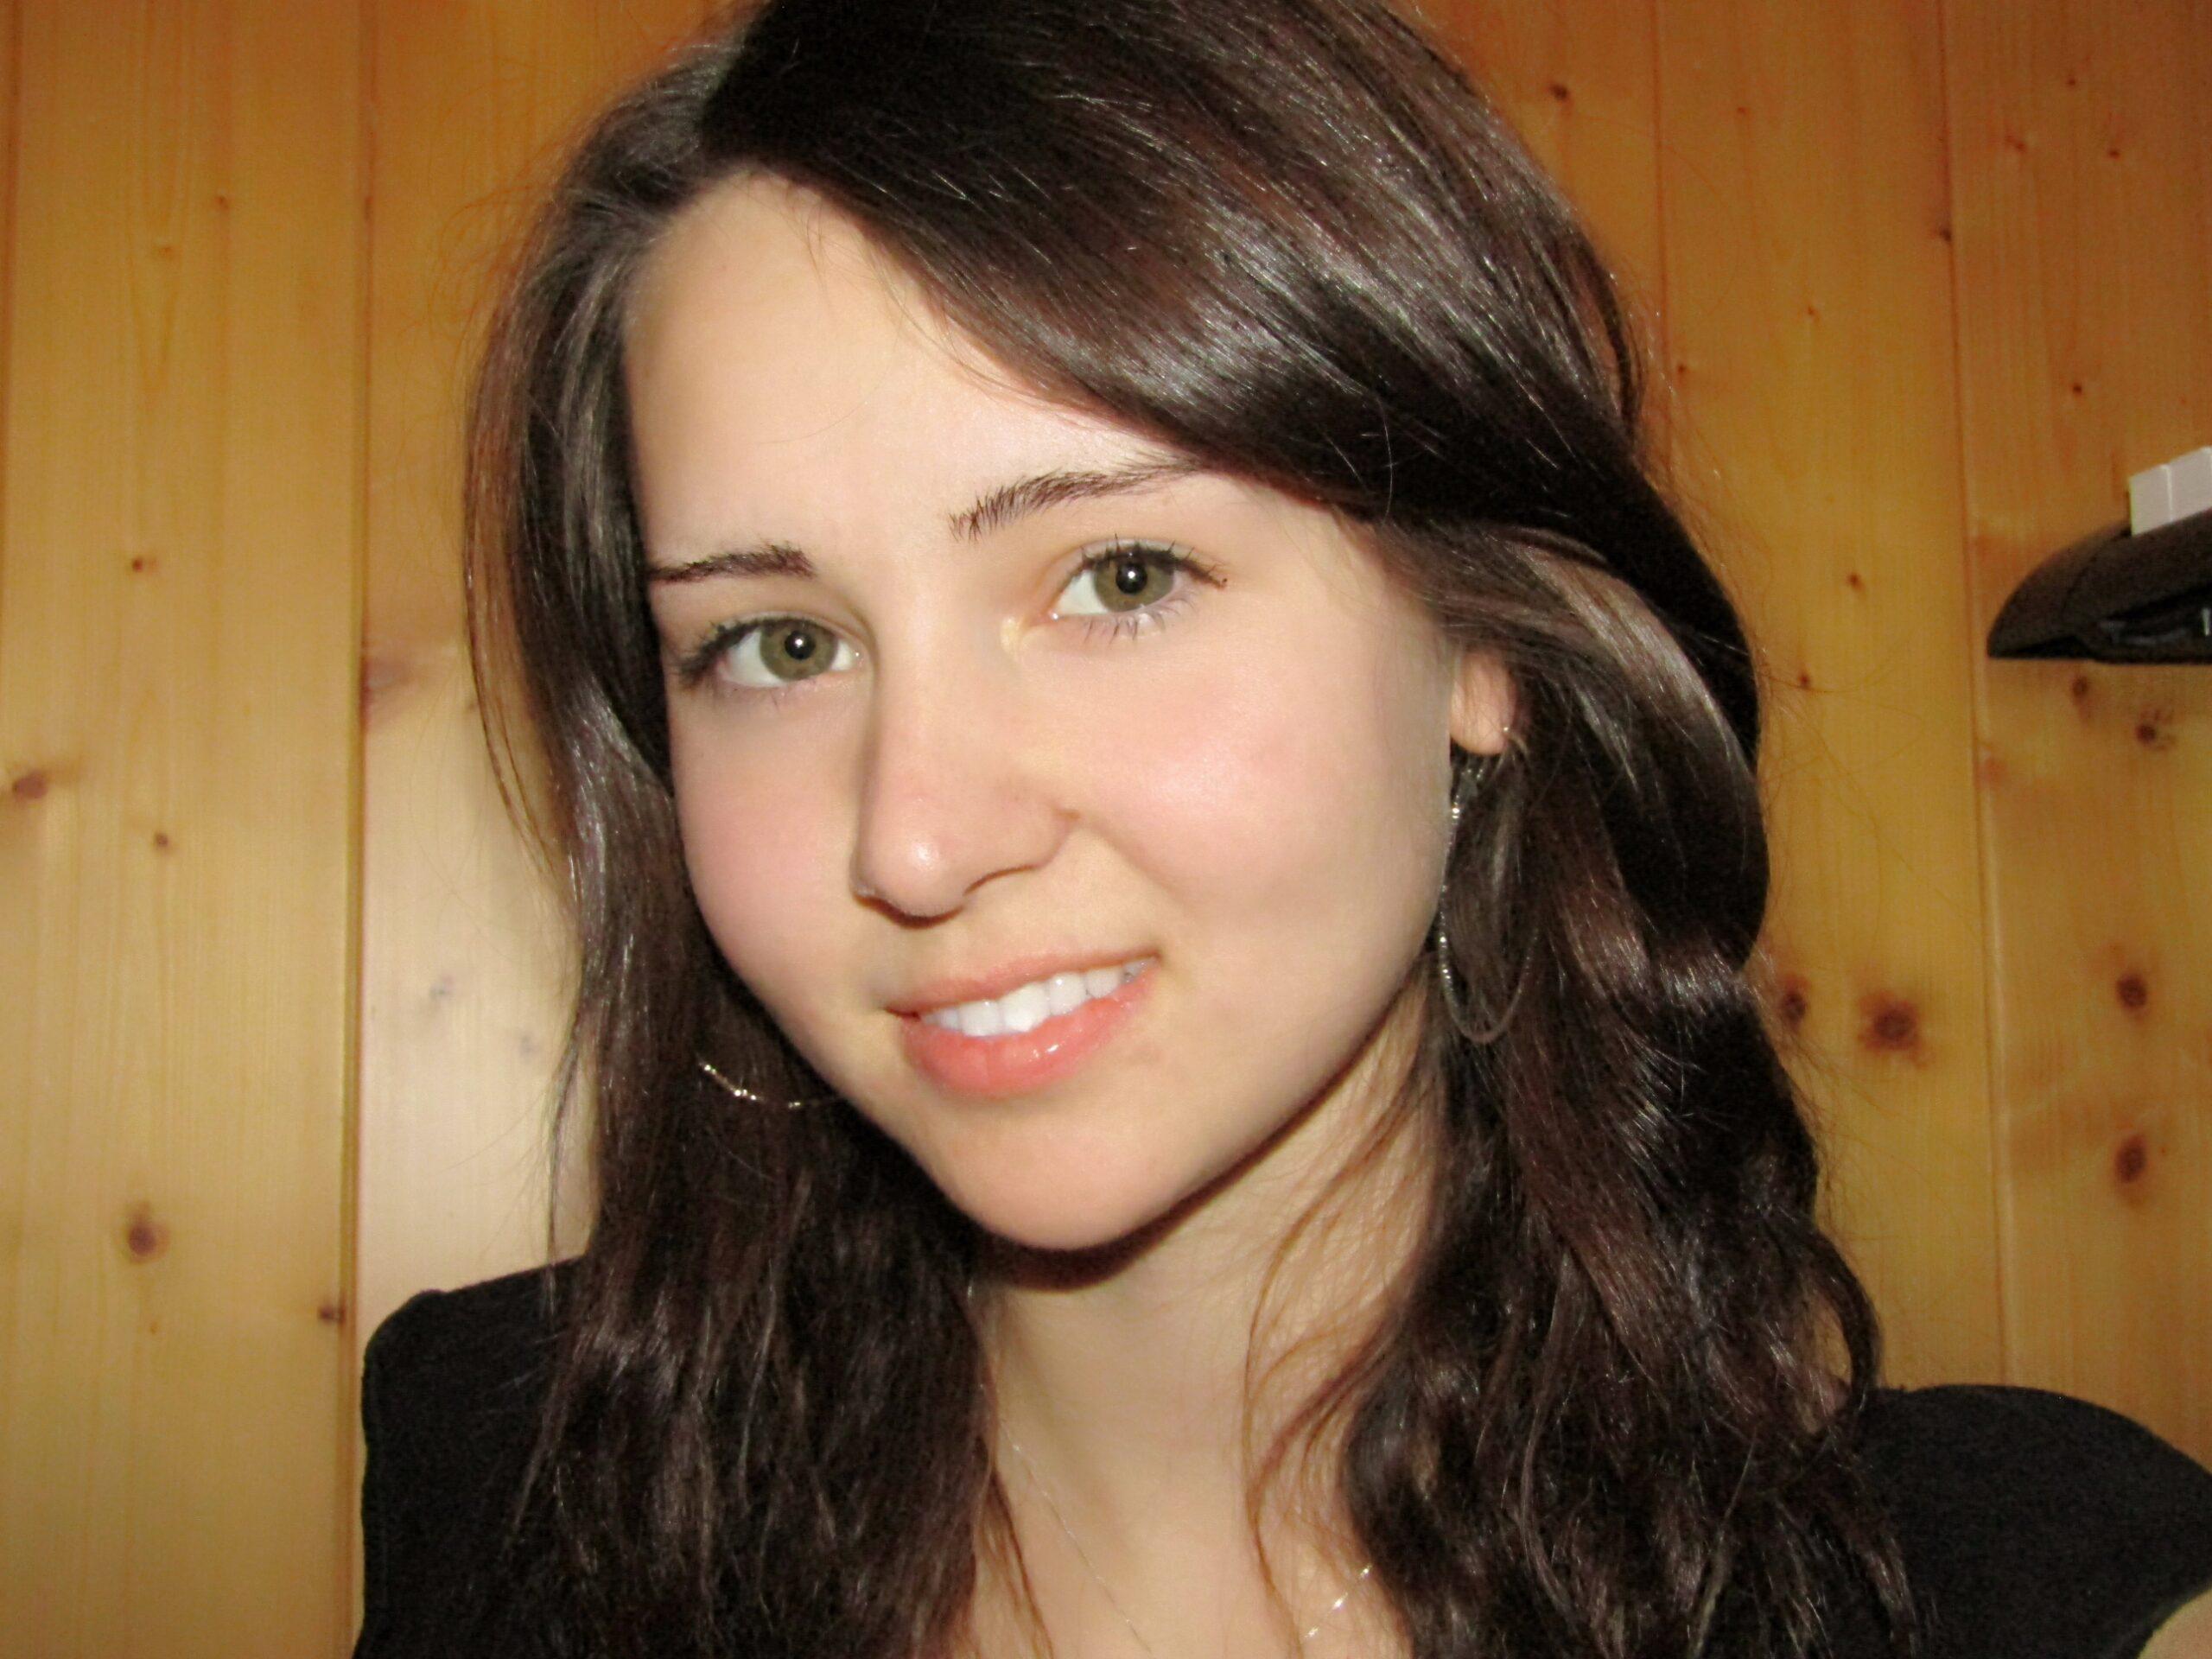 Sophie Gamper